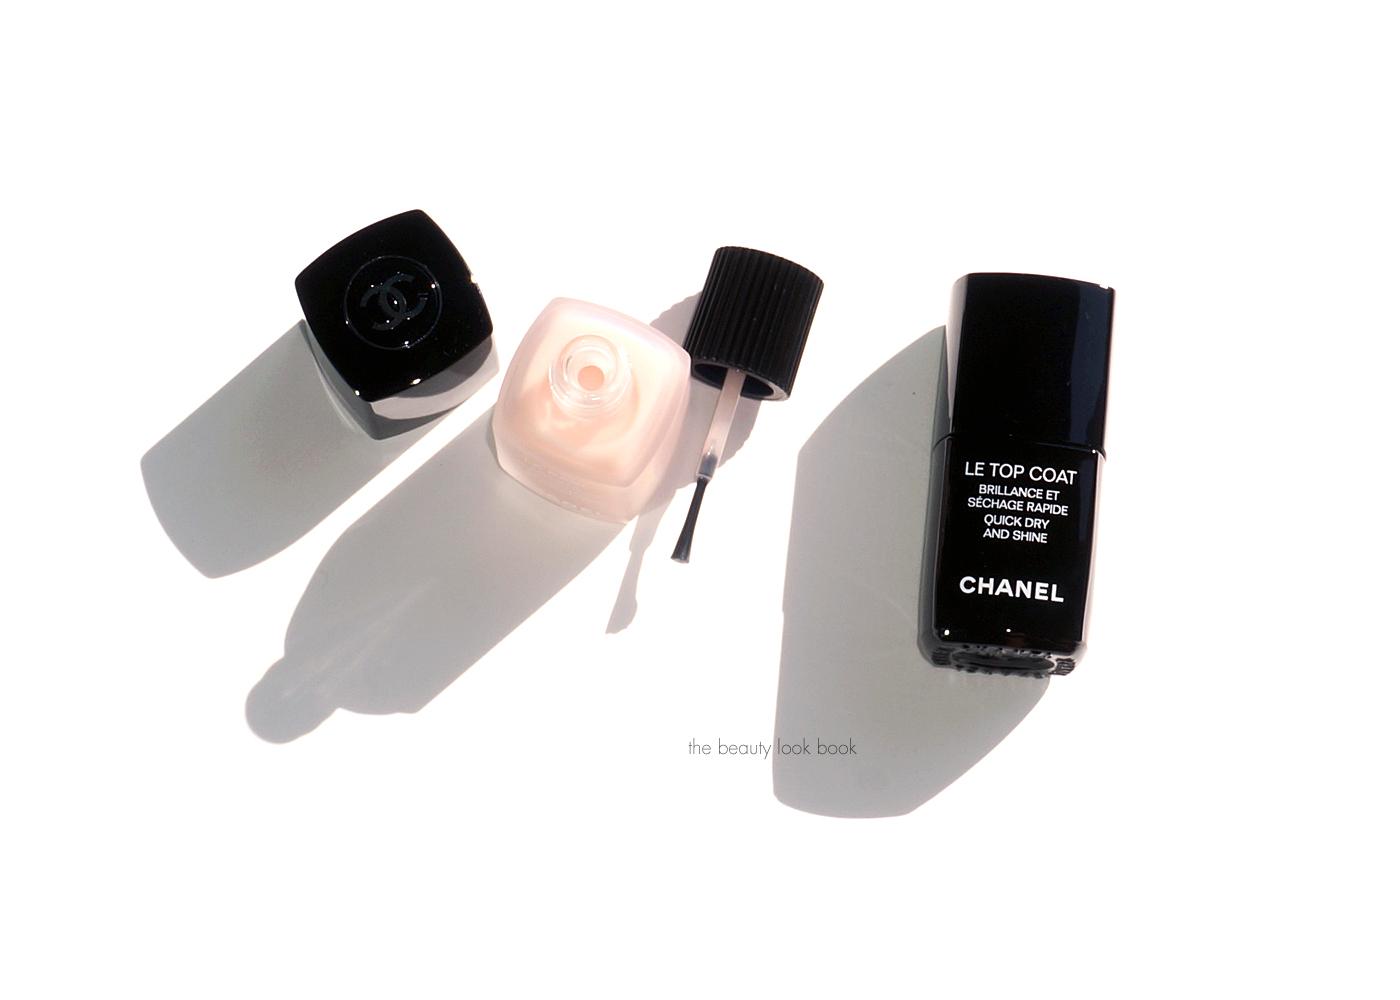 5de54f43 Chanel Collection Automnales La Base Coat, Le Top Coat and new Le ...